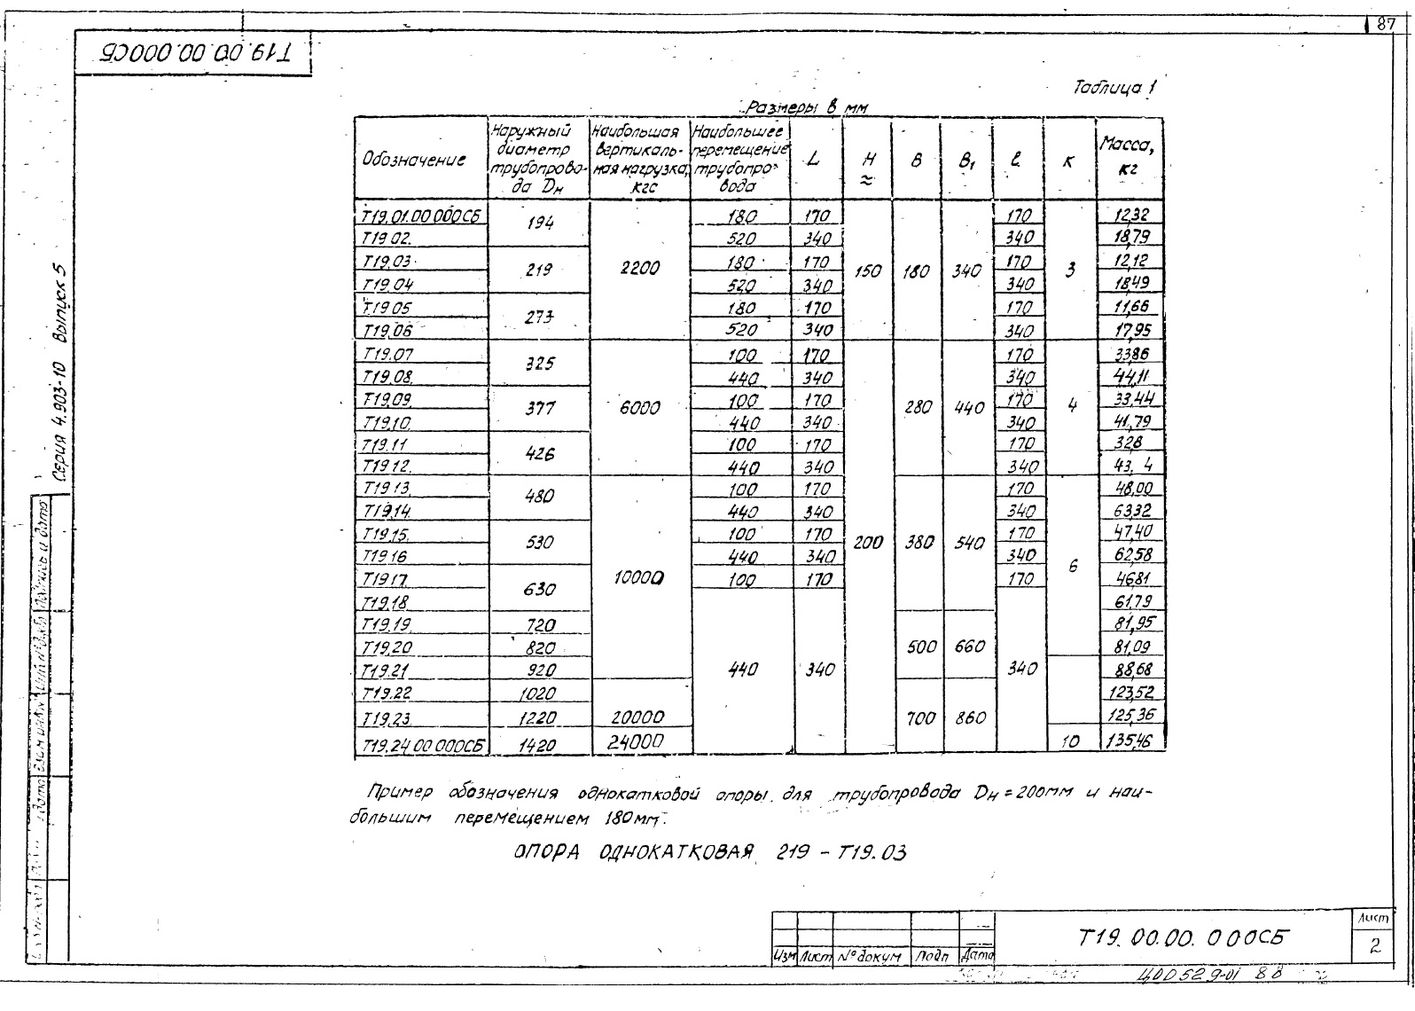 Опоры однокатковые Т19 серия 4.903-10 вып.5 стр.2